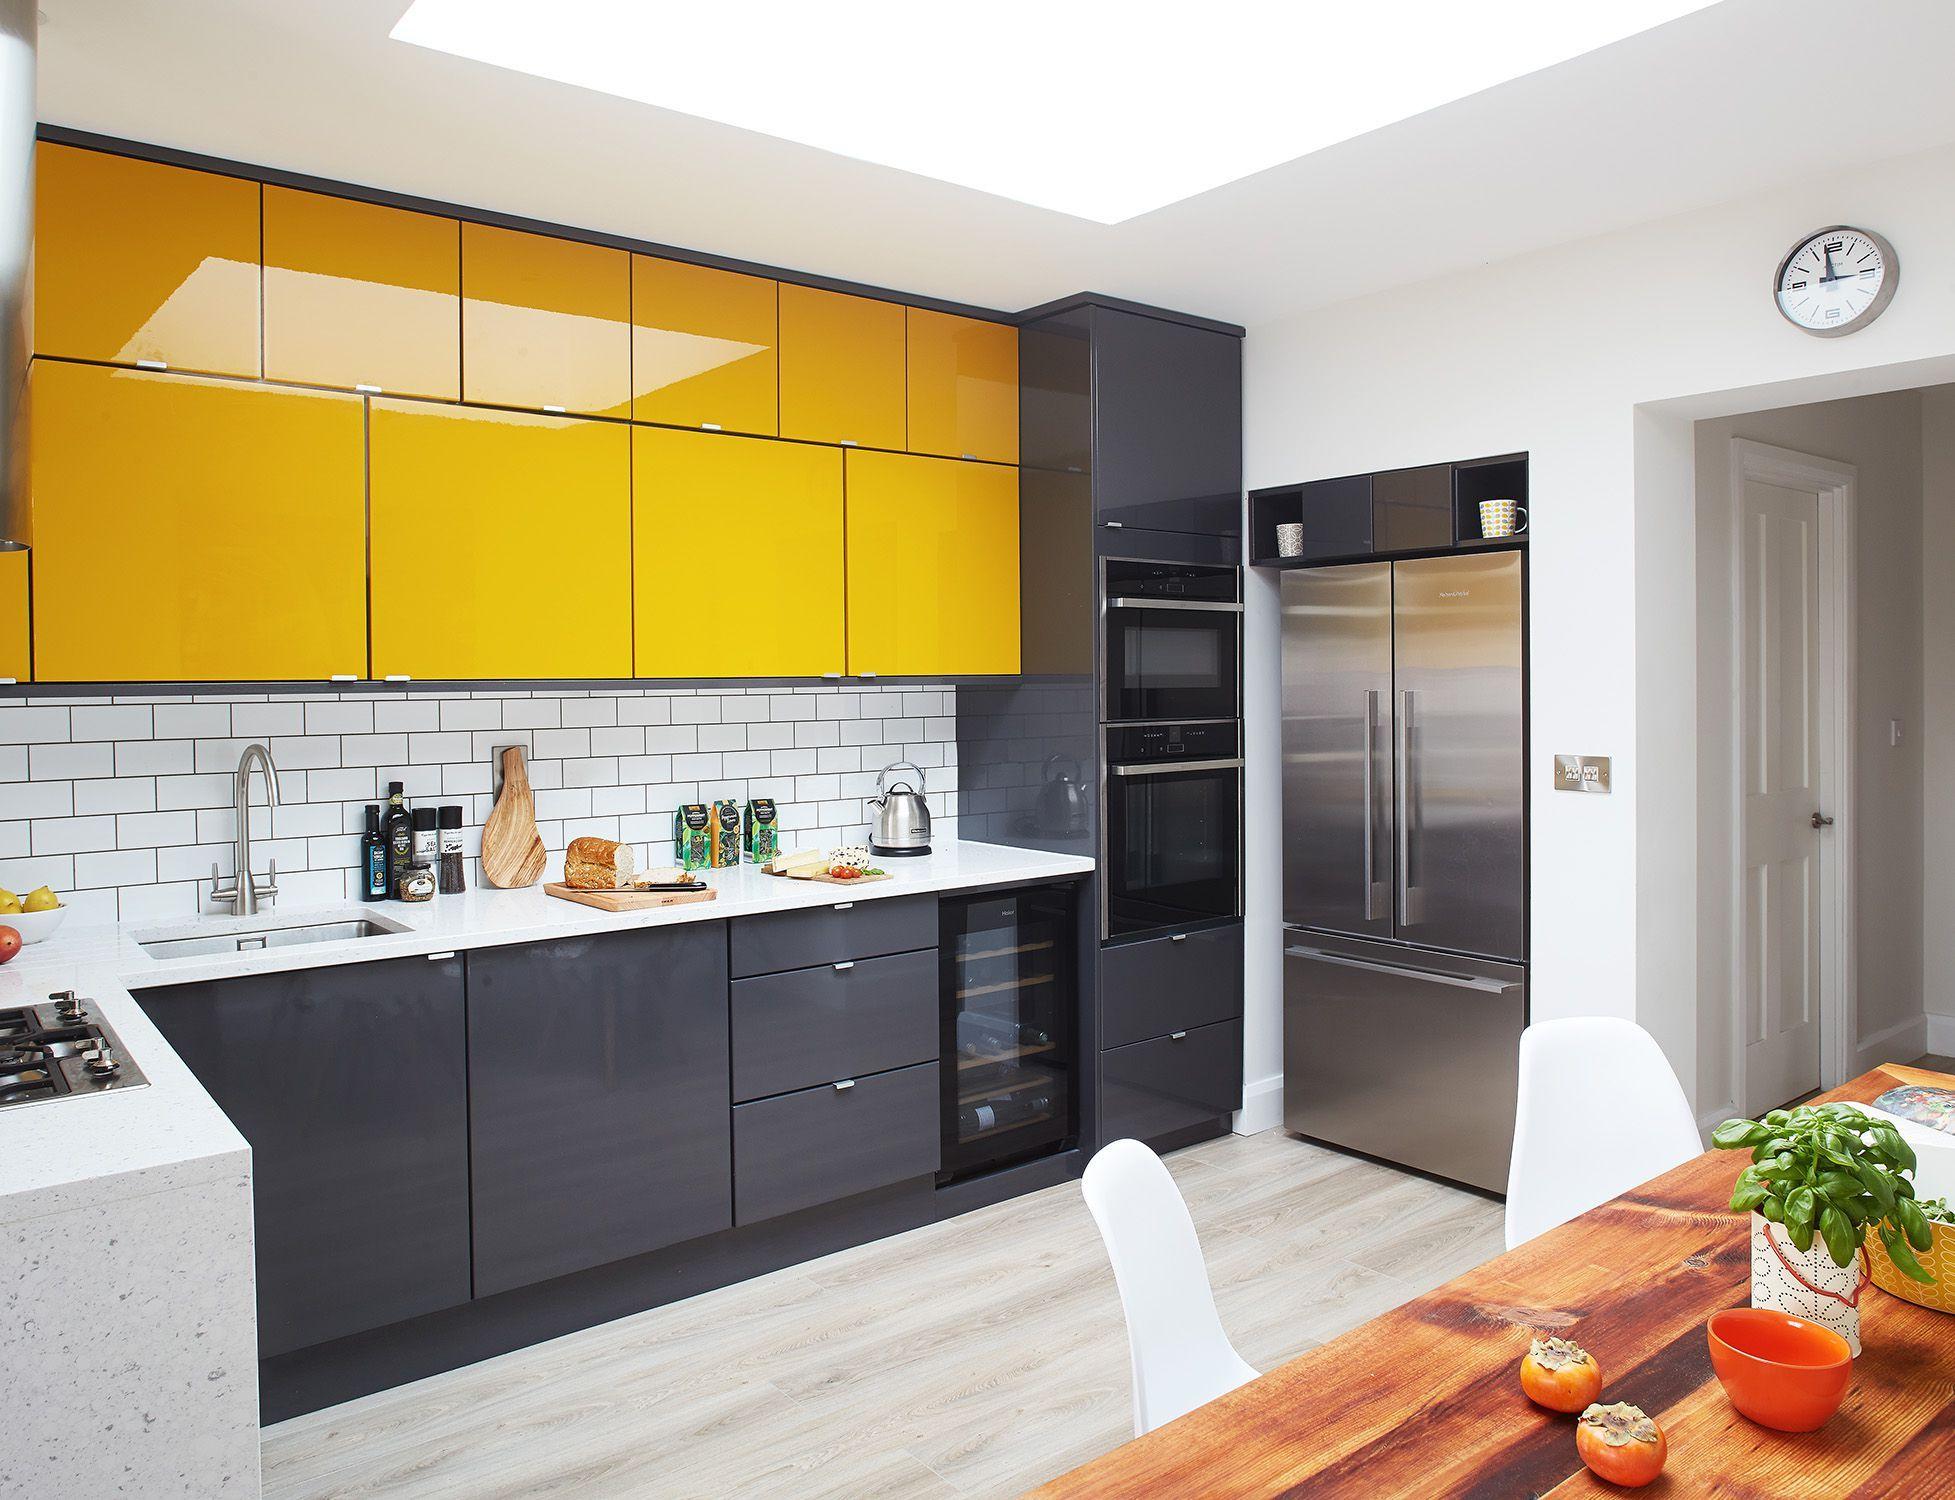 cuisine moderne grise blanche jaune  Cuisine jaune, Cuisines